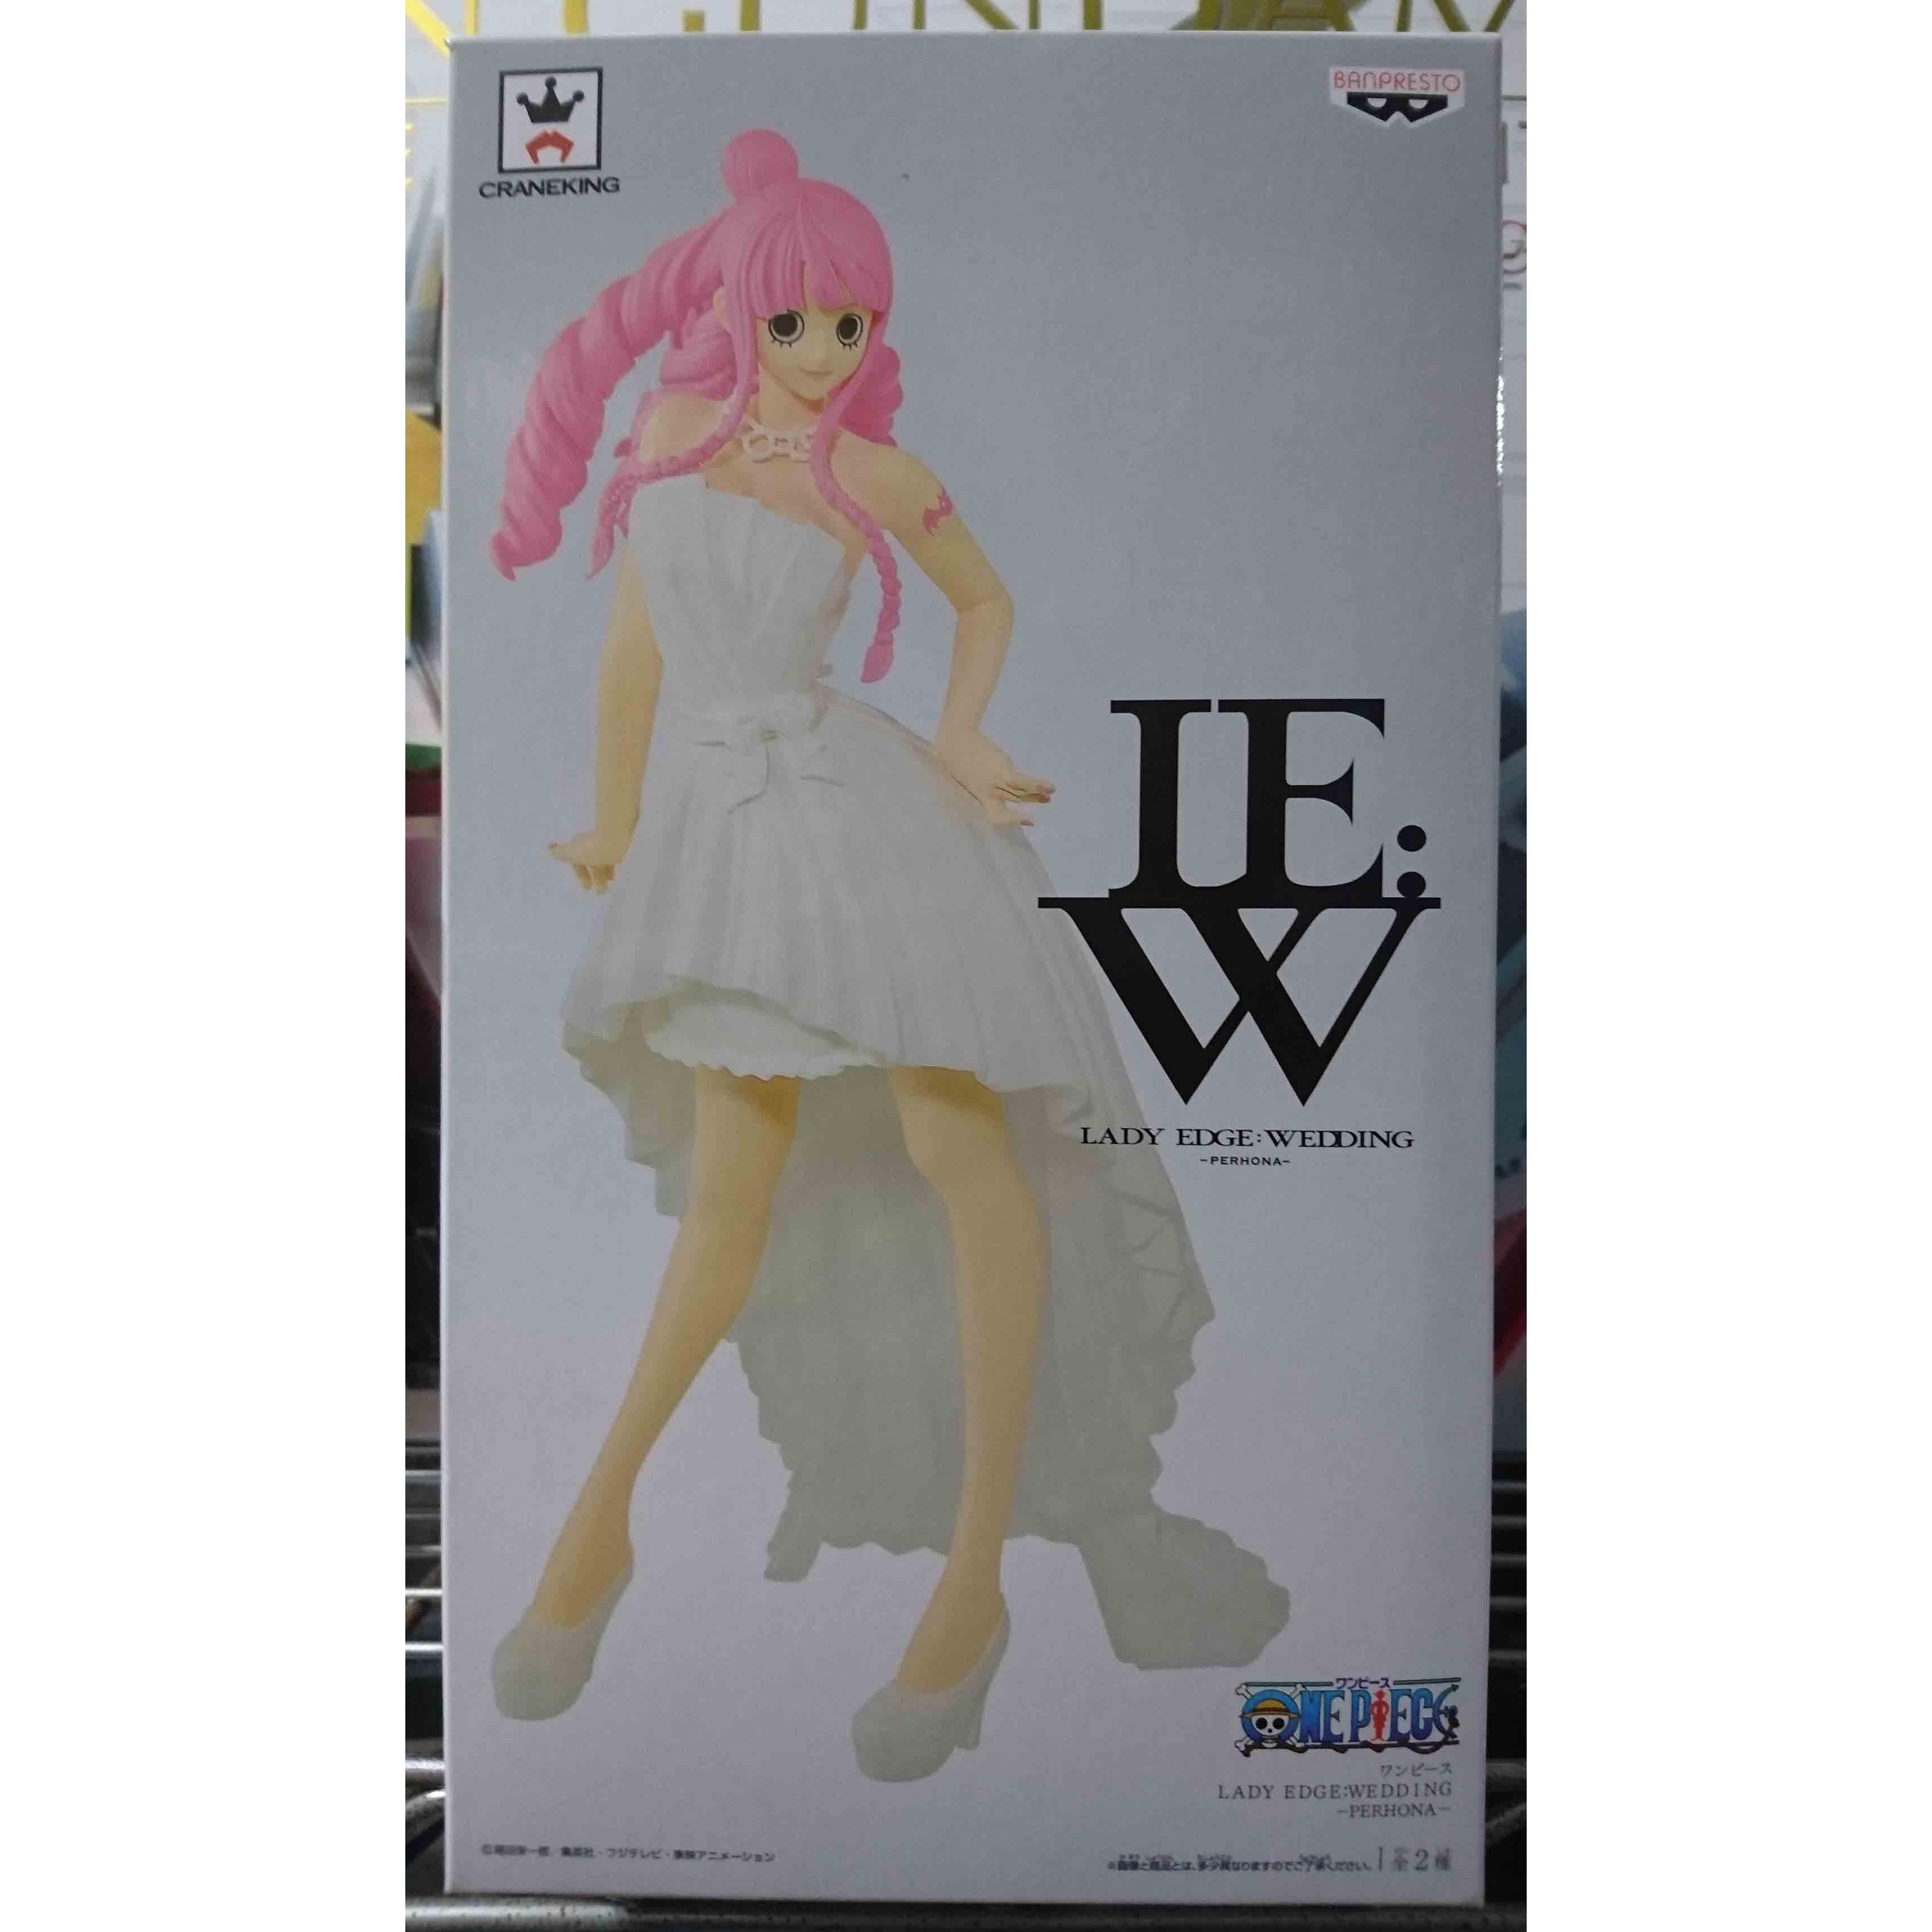 BANPRESTO景品婚紗版白色培羅娜,益祥模型玩具實拍外盒圖片。